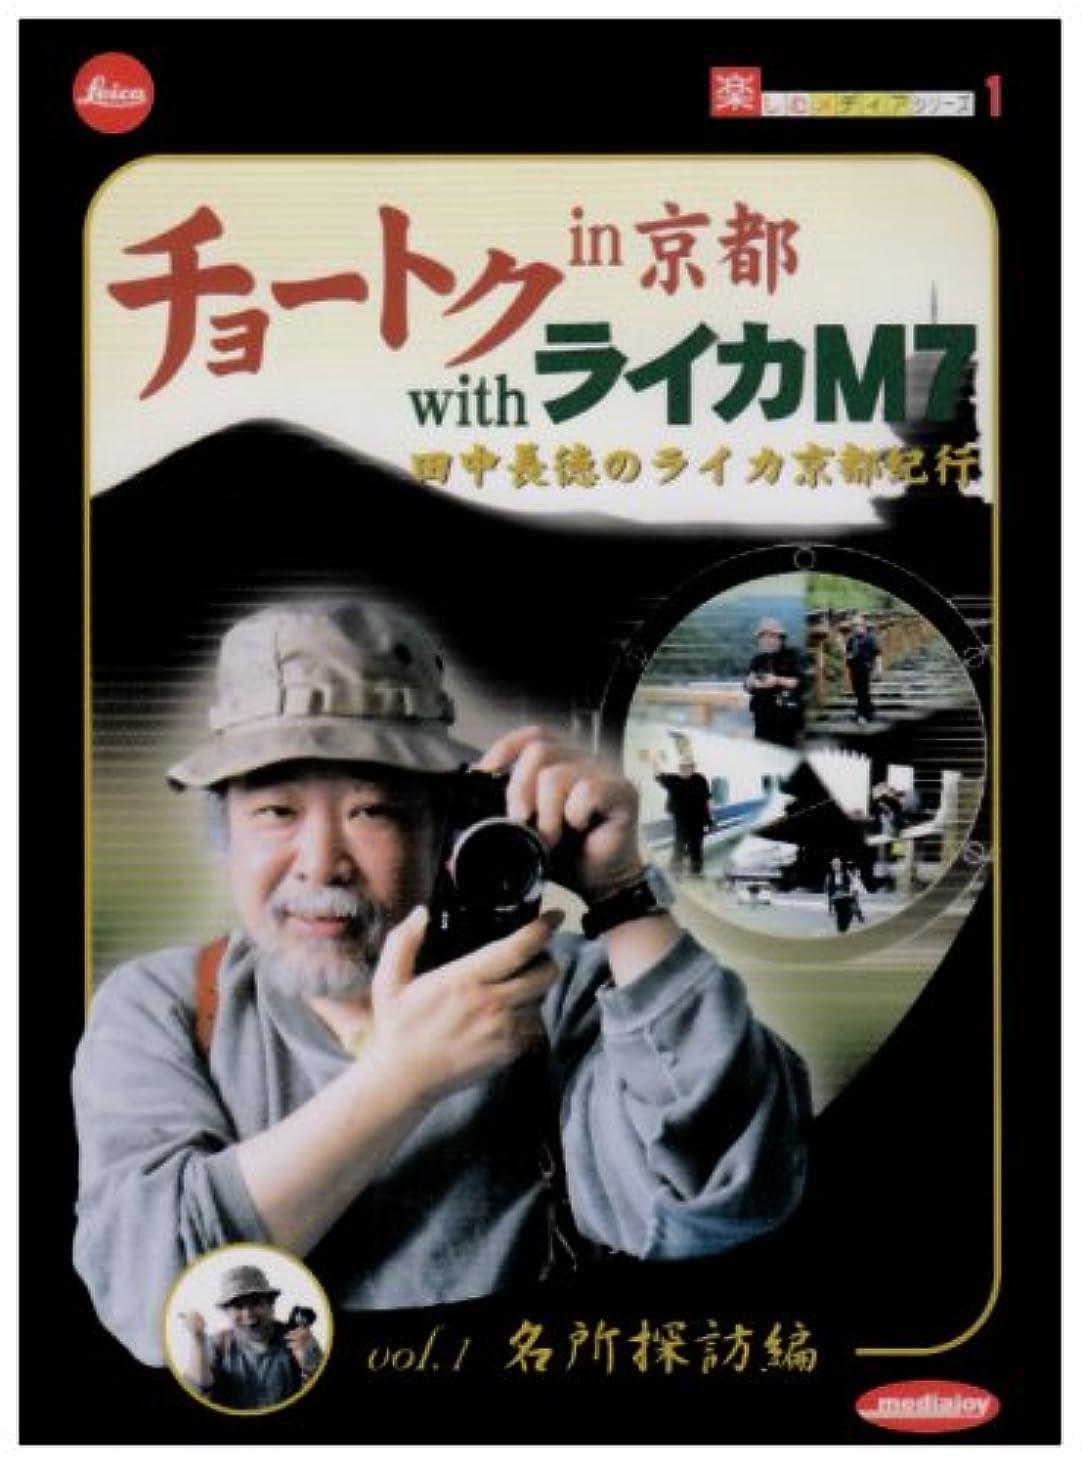 ポスターさておき苦しむチョートク in 京都 with ライカM7 vol.1(名所探訪編) [DVD]